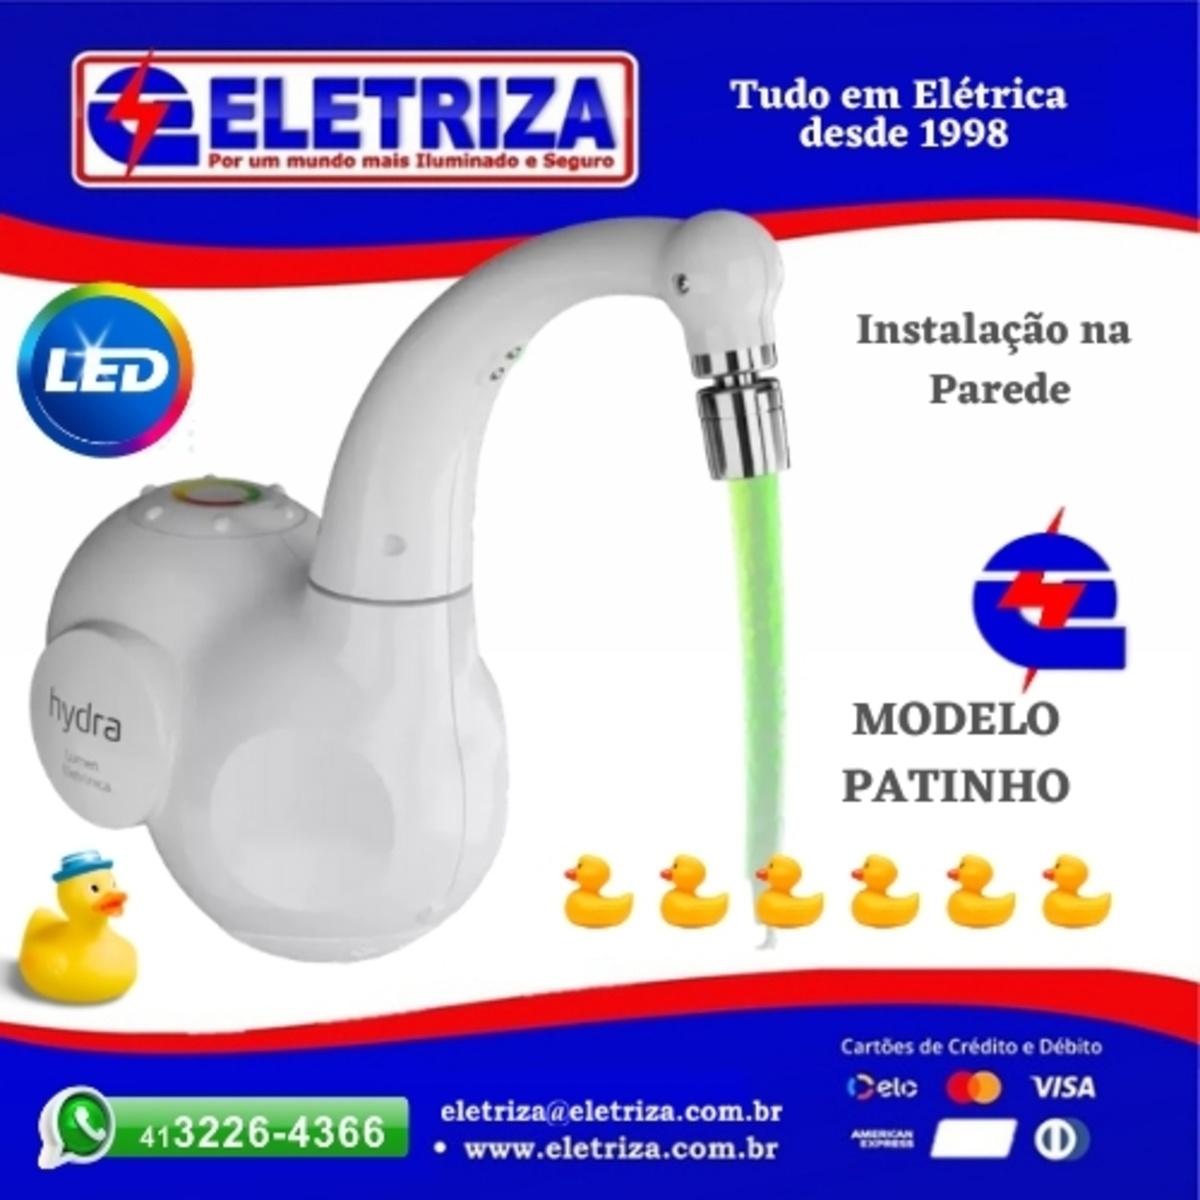 TORNEIRA  ELETRICA  DE PAREDE PATINHO - ELETRÔNICA LUMEN 5500W 220V HYDRA LED